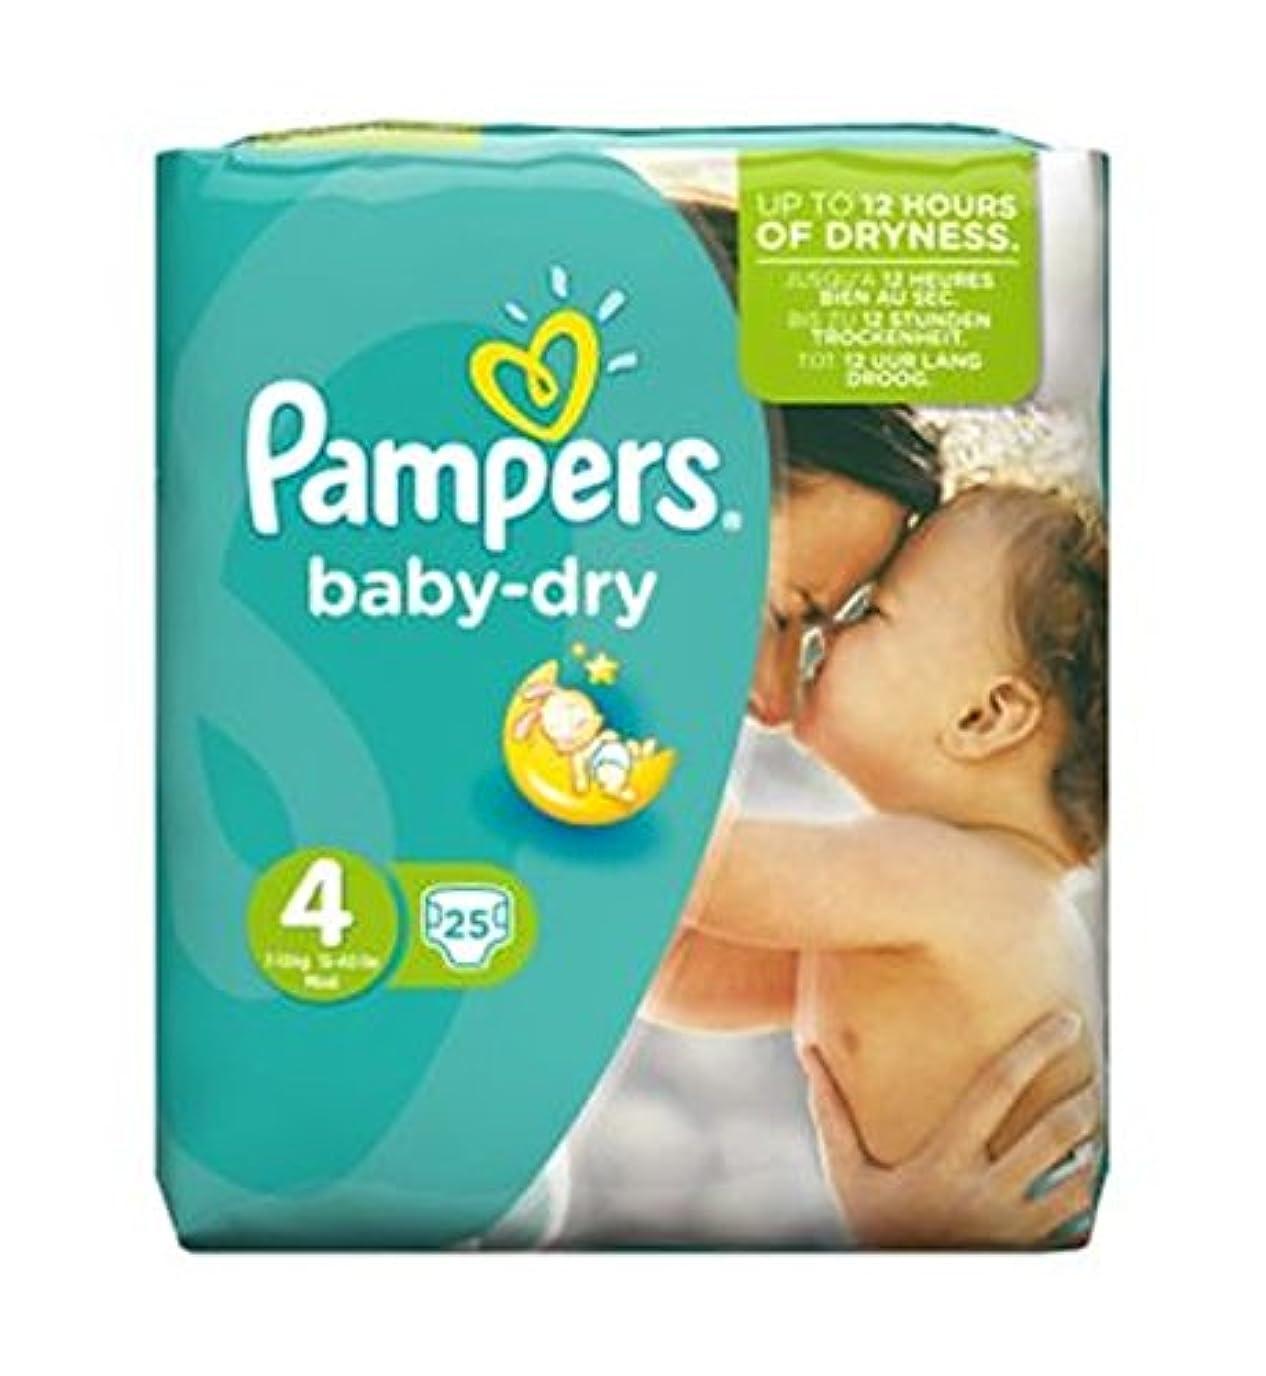 束ねる合併症メンタルPampers Baby Dry Size 4 (Maxi) Carry Pack 25 Nappies - パンパース赤ちゃんドライサイズ4(マキシ)がパック25おむつを運びます (Pampers) [並行輸入品]